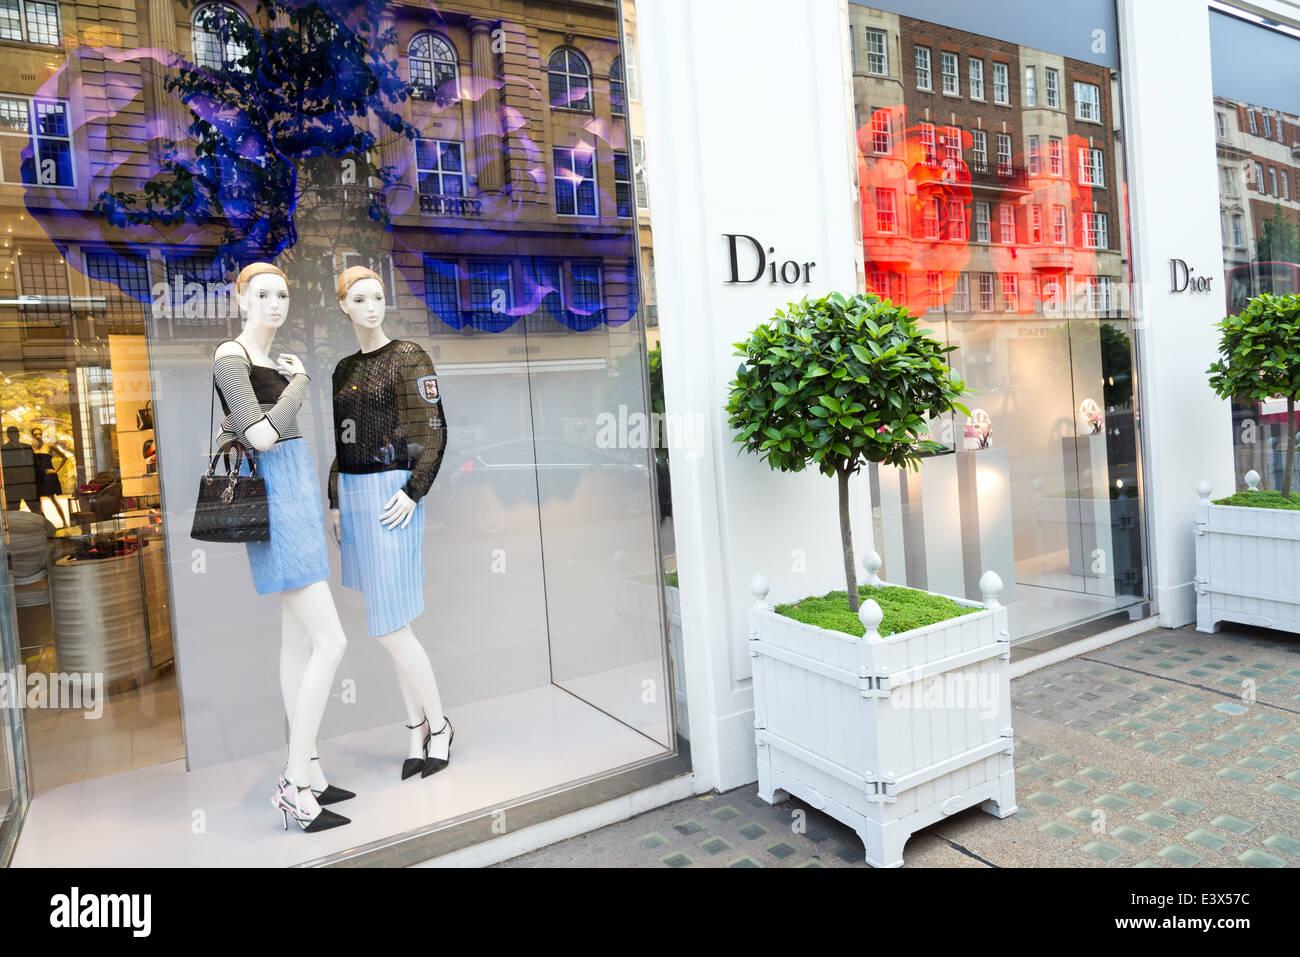 d42640136ef0 Dior luxury designer clothes shop on Sloane Street